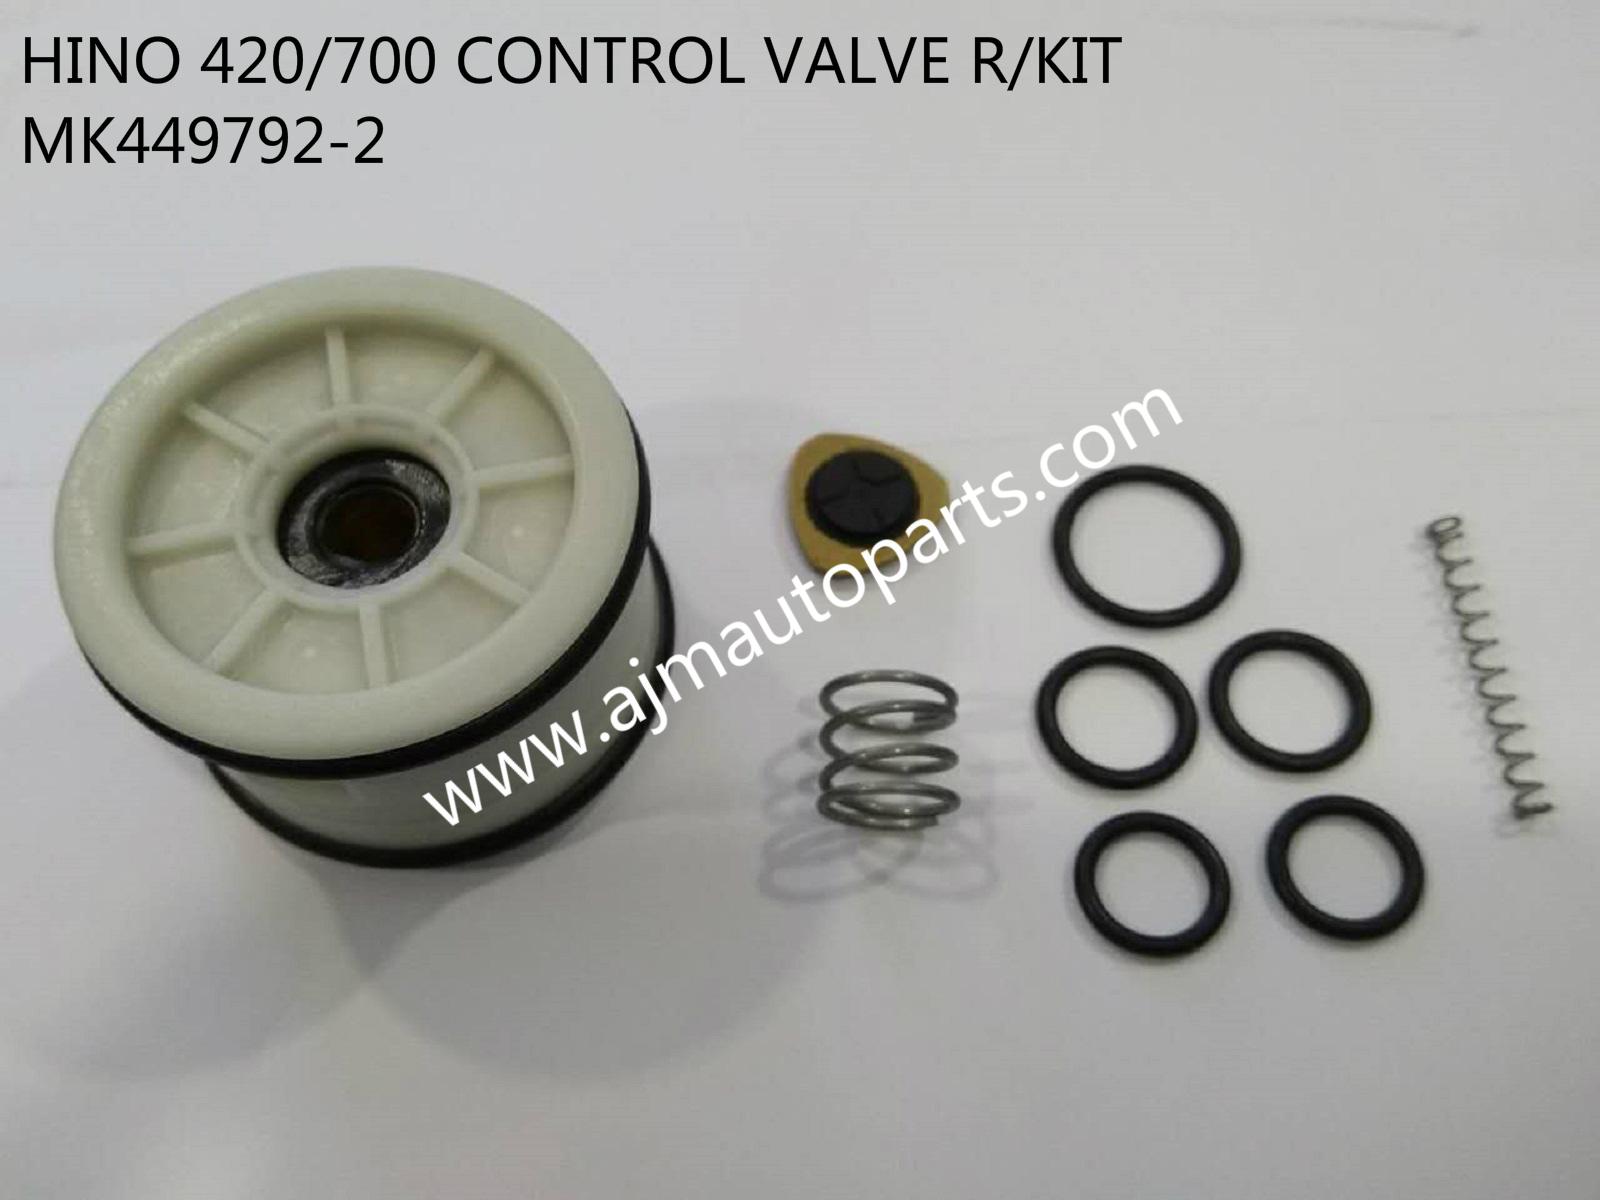 HINO 420/700 CONTROL VALVE REPAIR KIT-MK449792-H